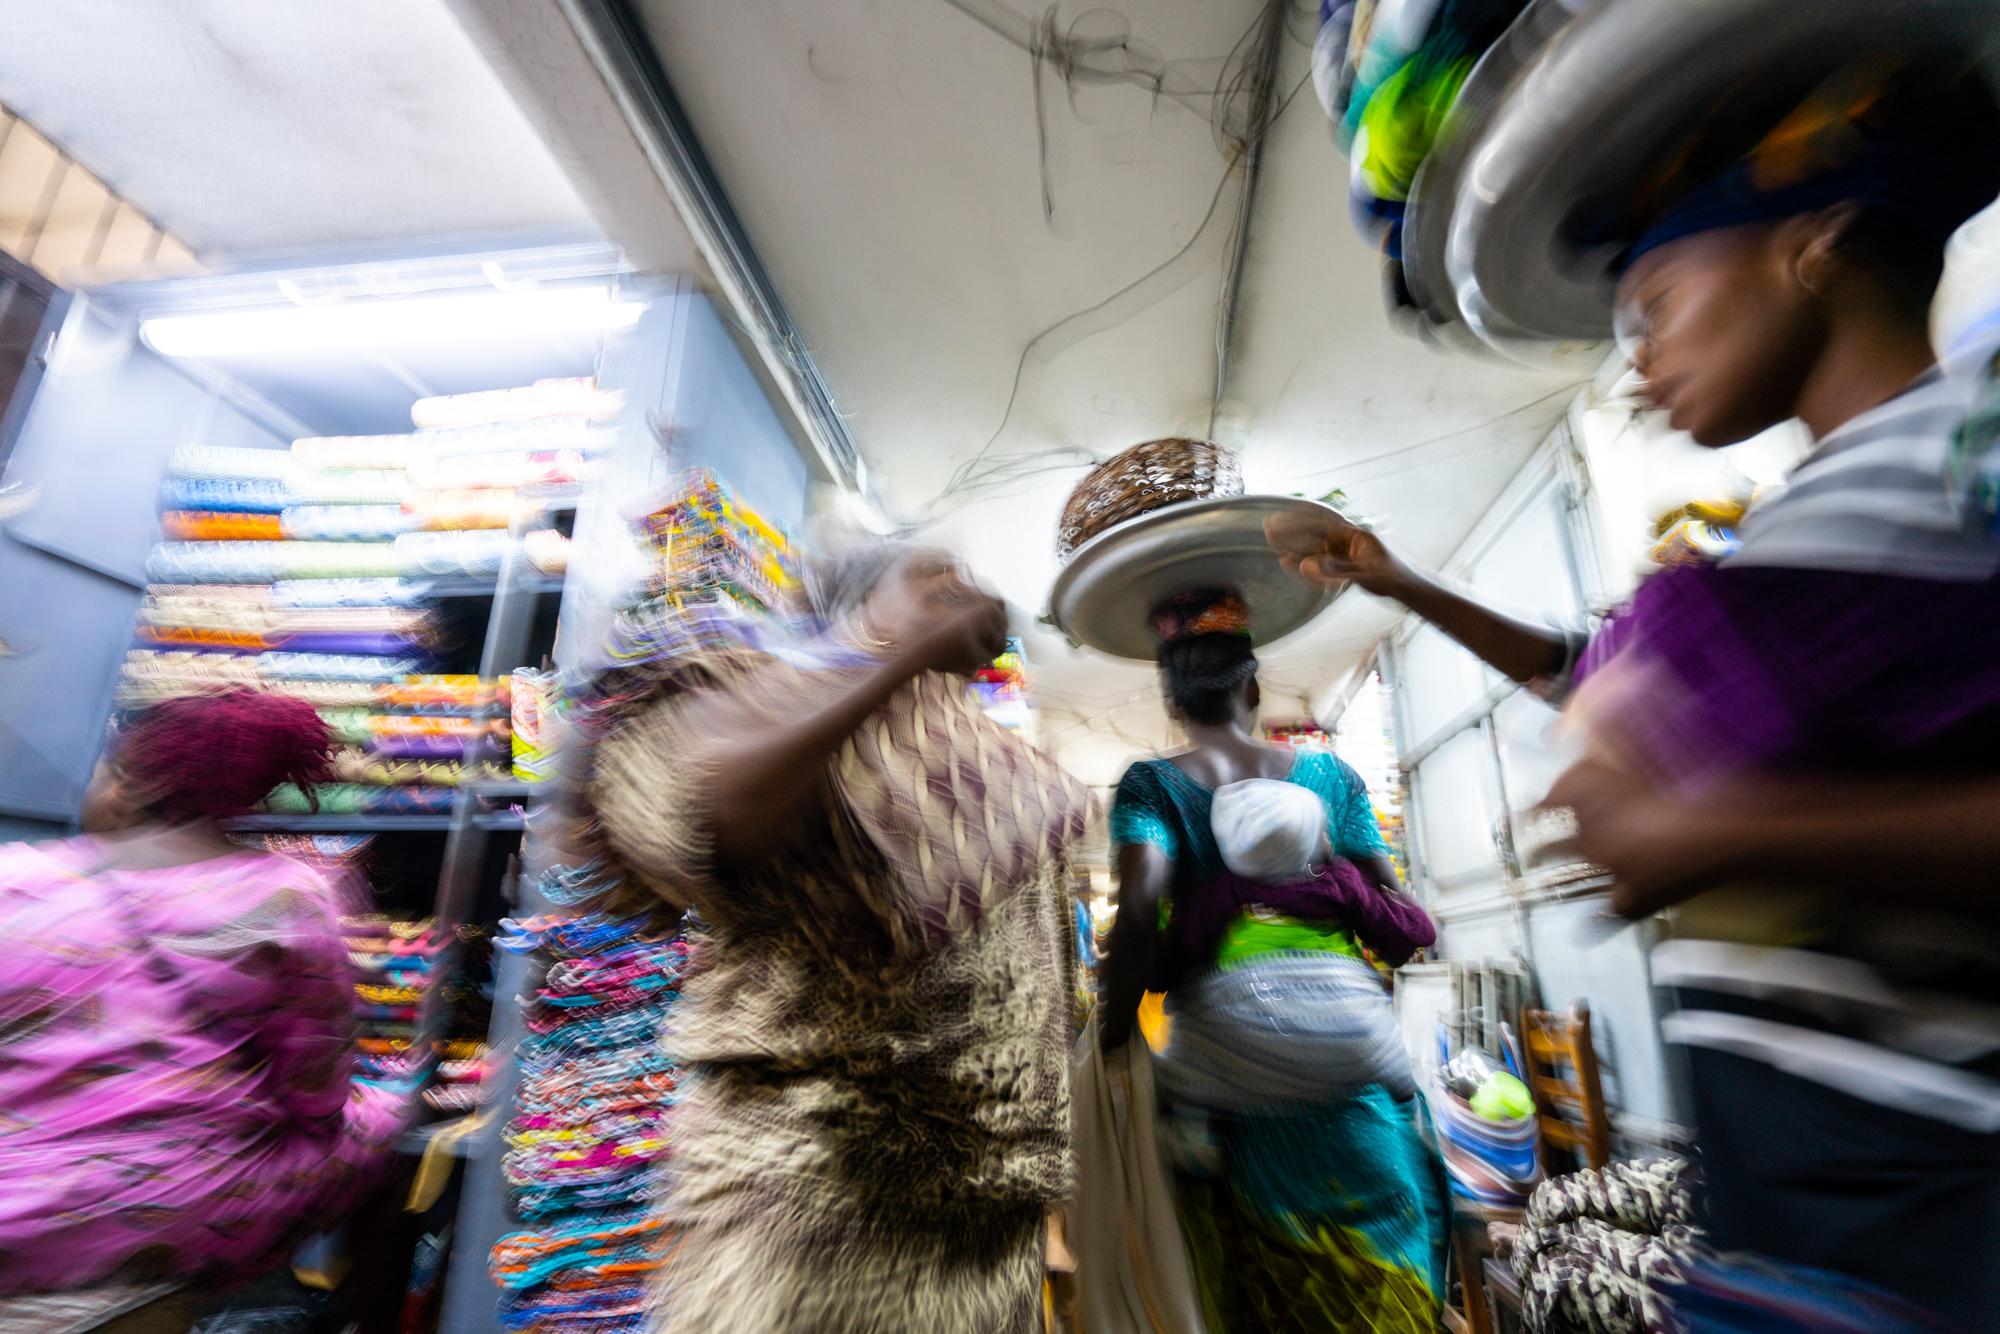 Benin_2000 sin título2018-01053 7952 x 5304.jpg